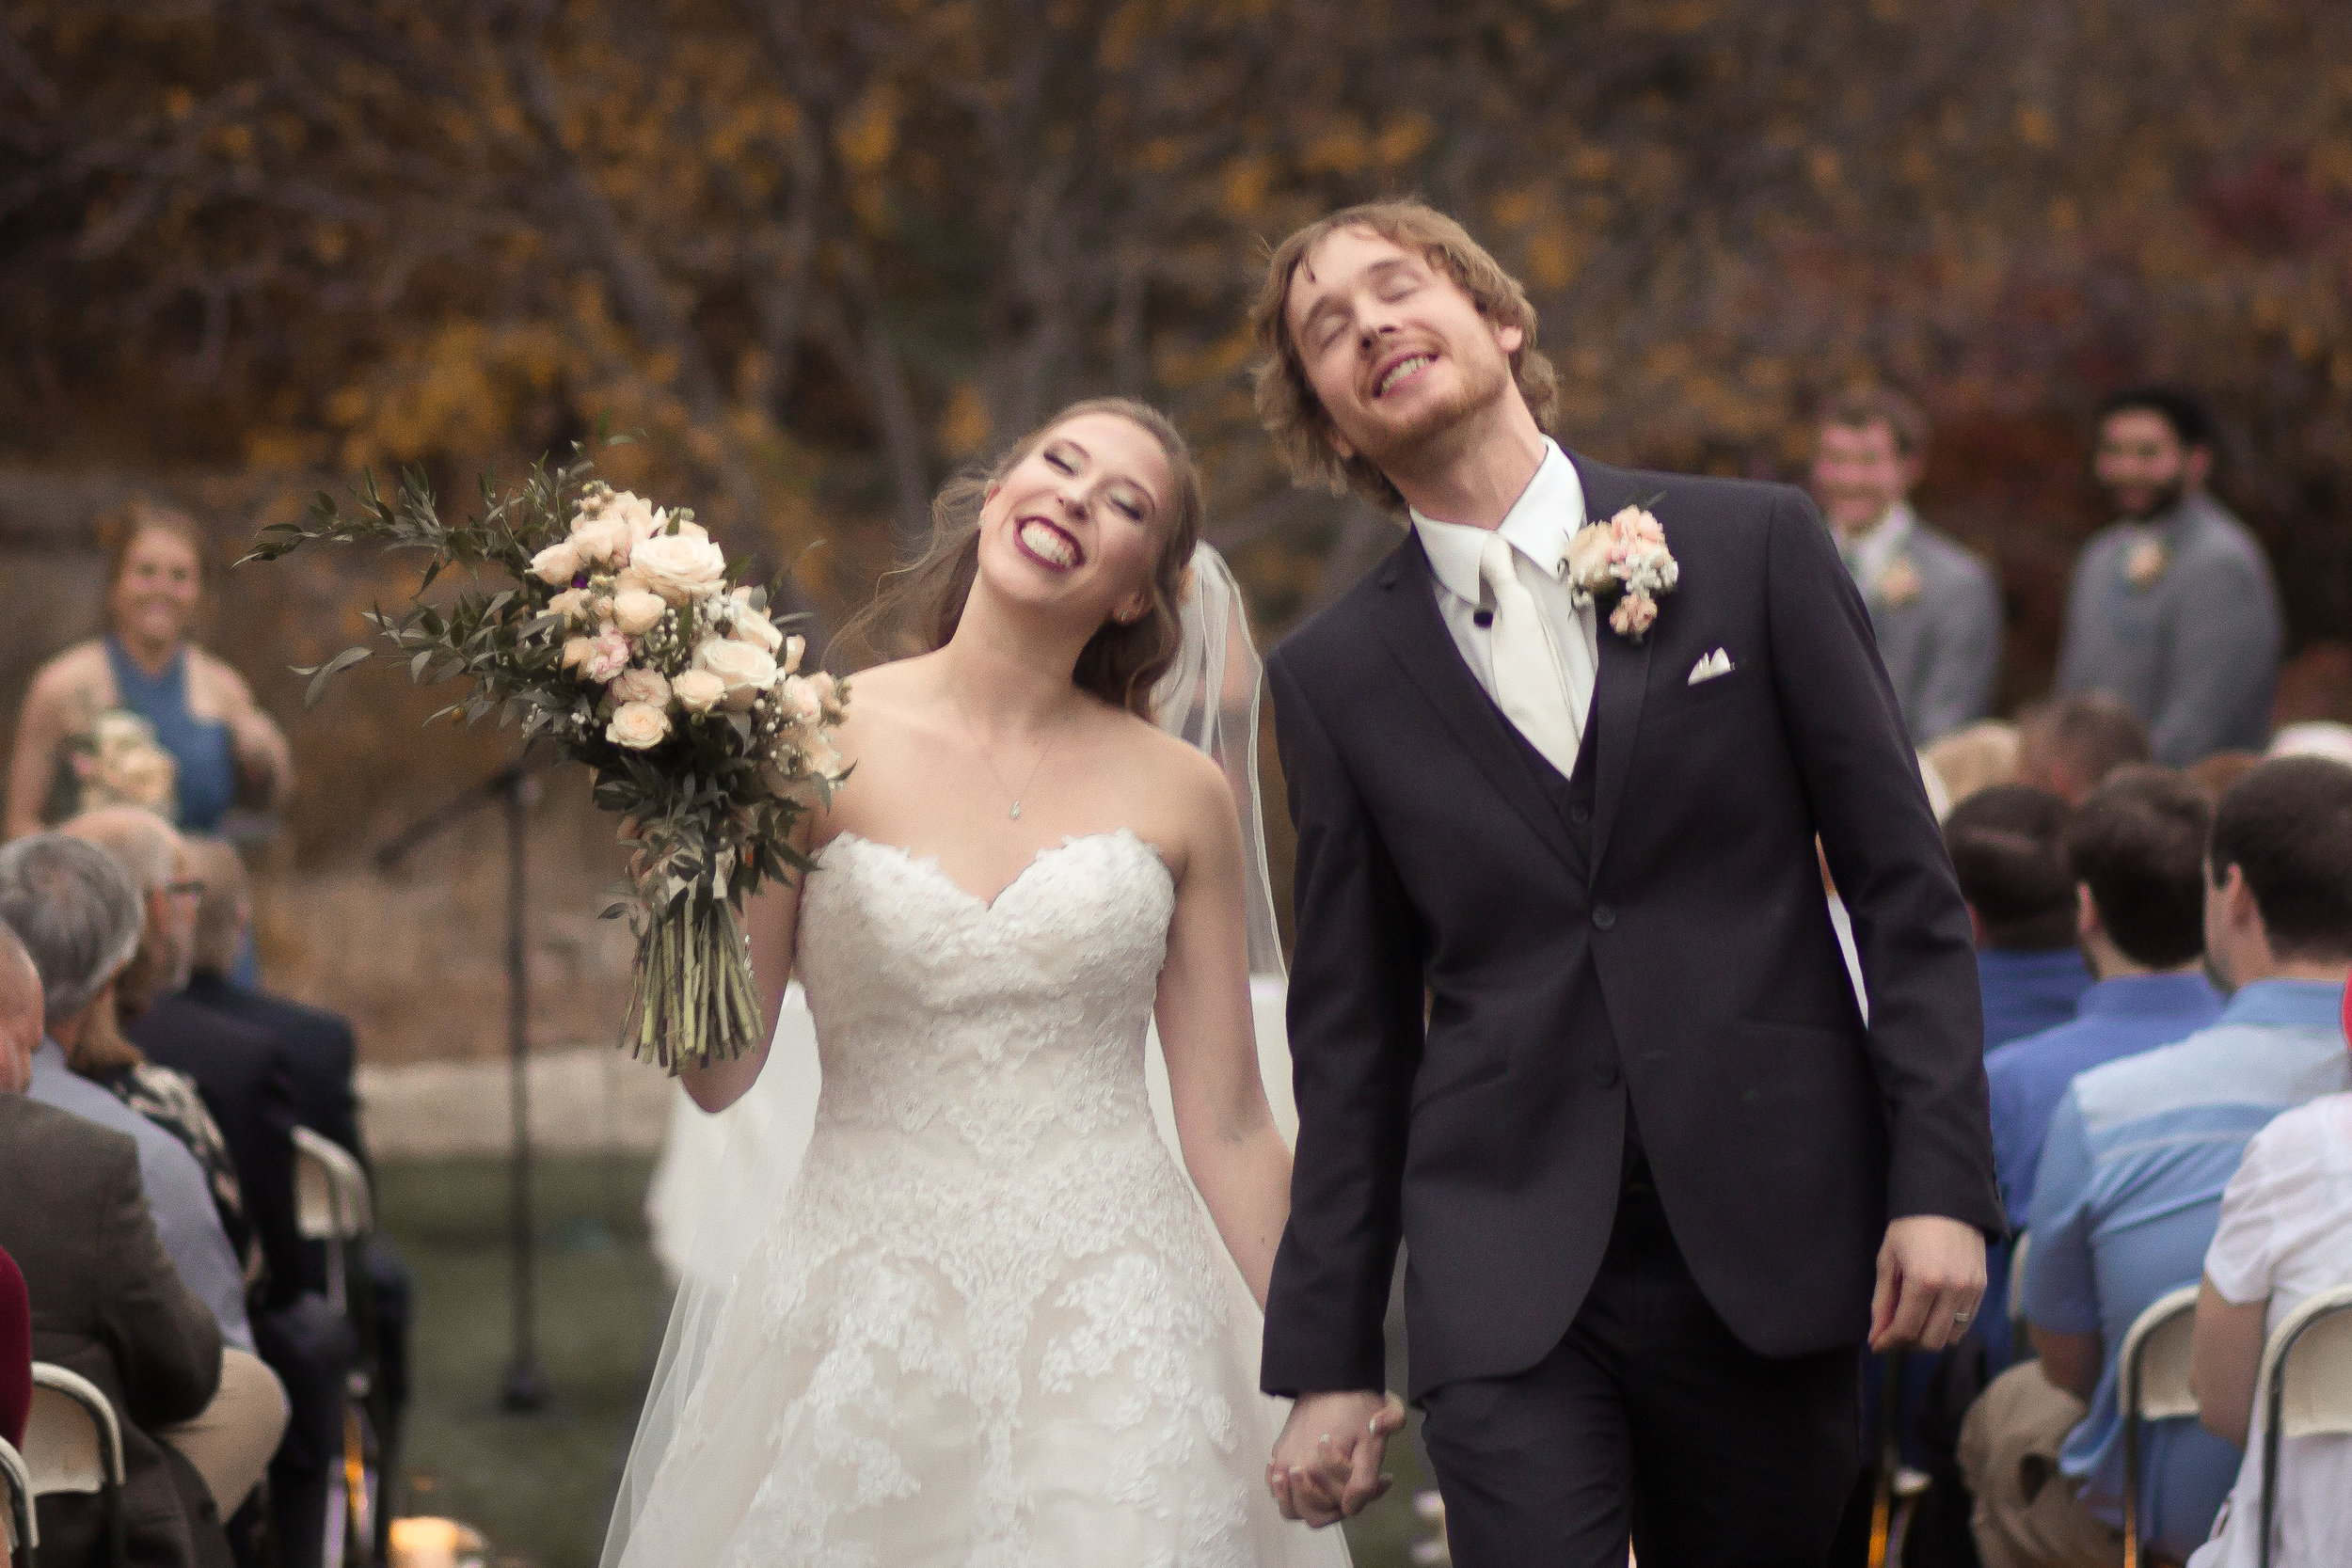 C_Wedding_Spellman, Megan & Tyler_10.27.18-1512.JPG